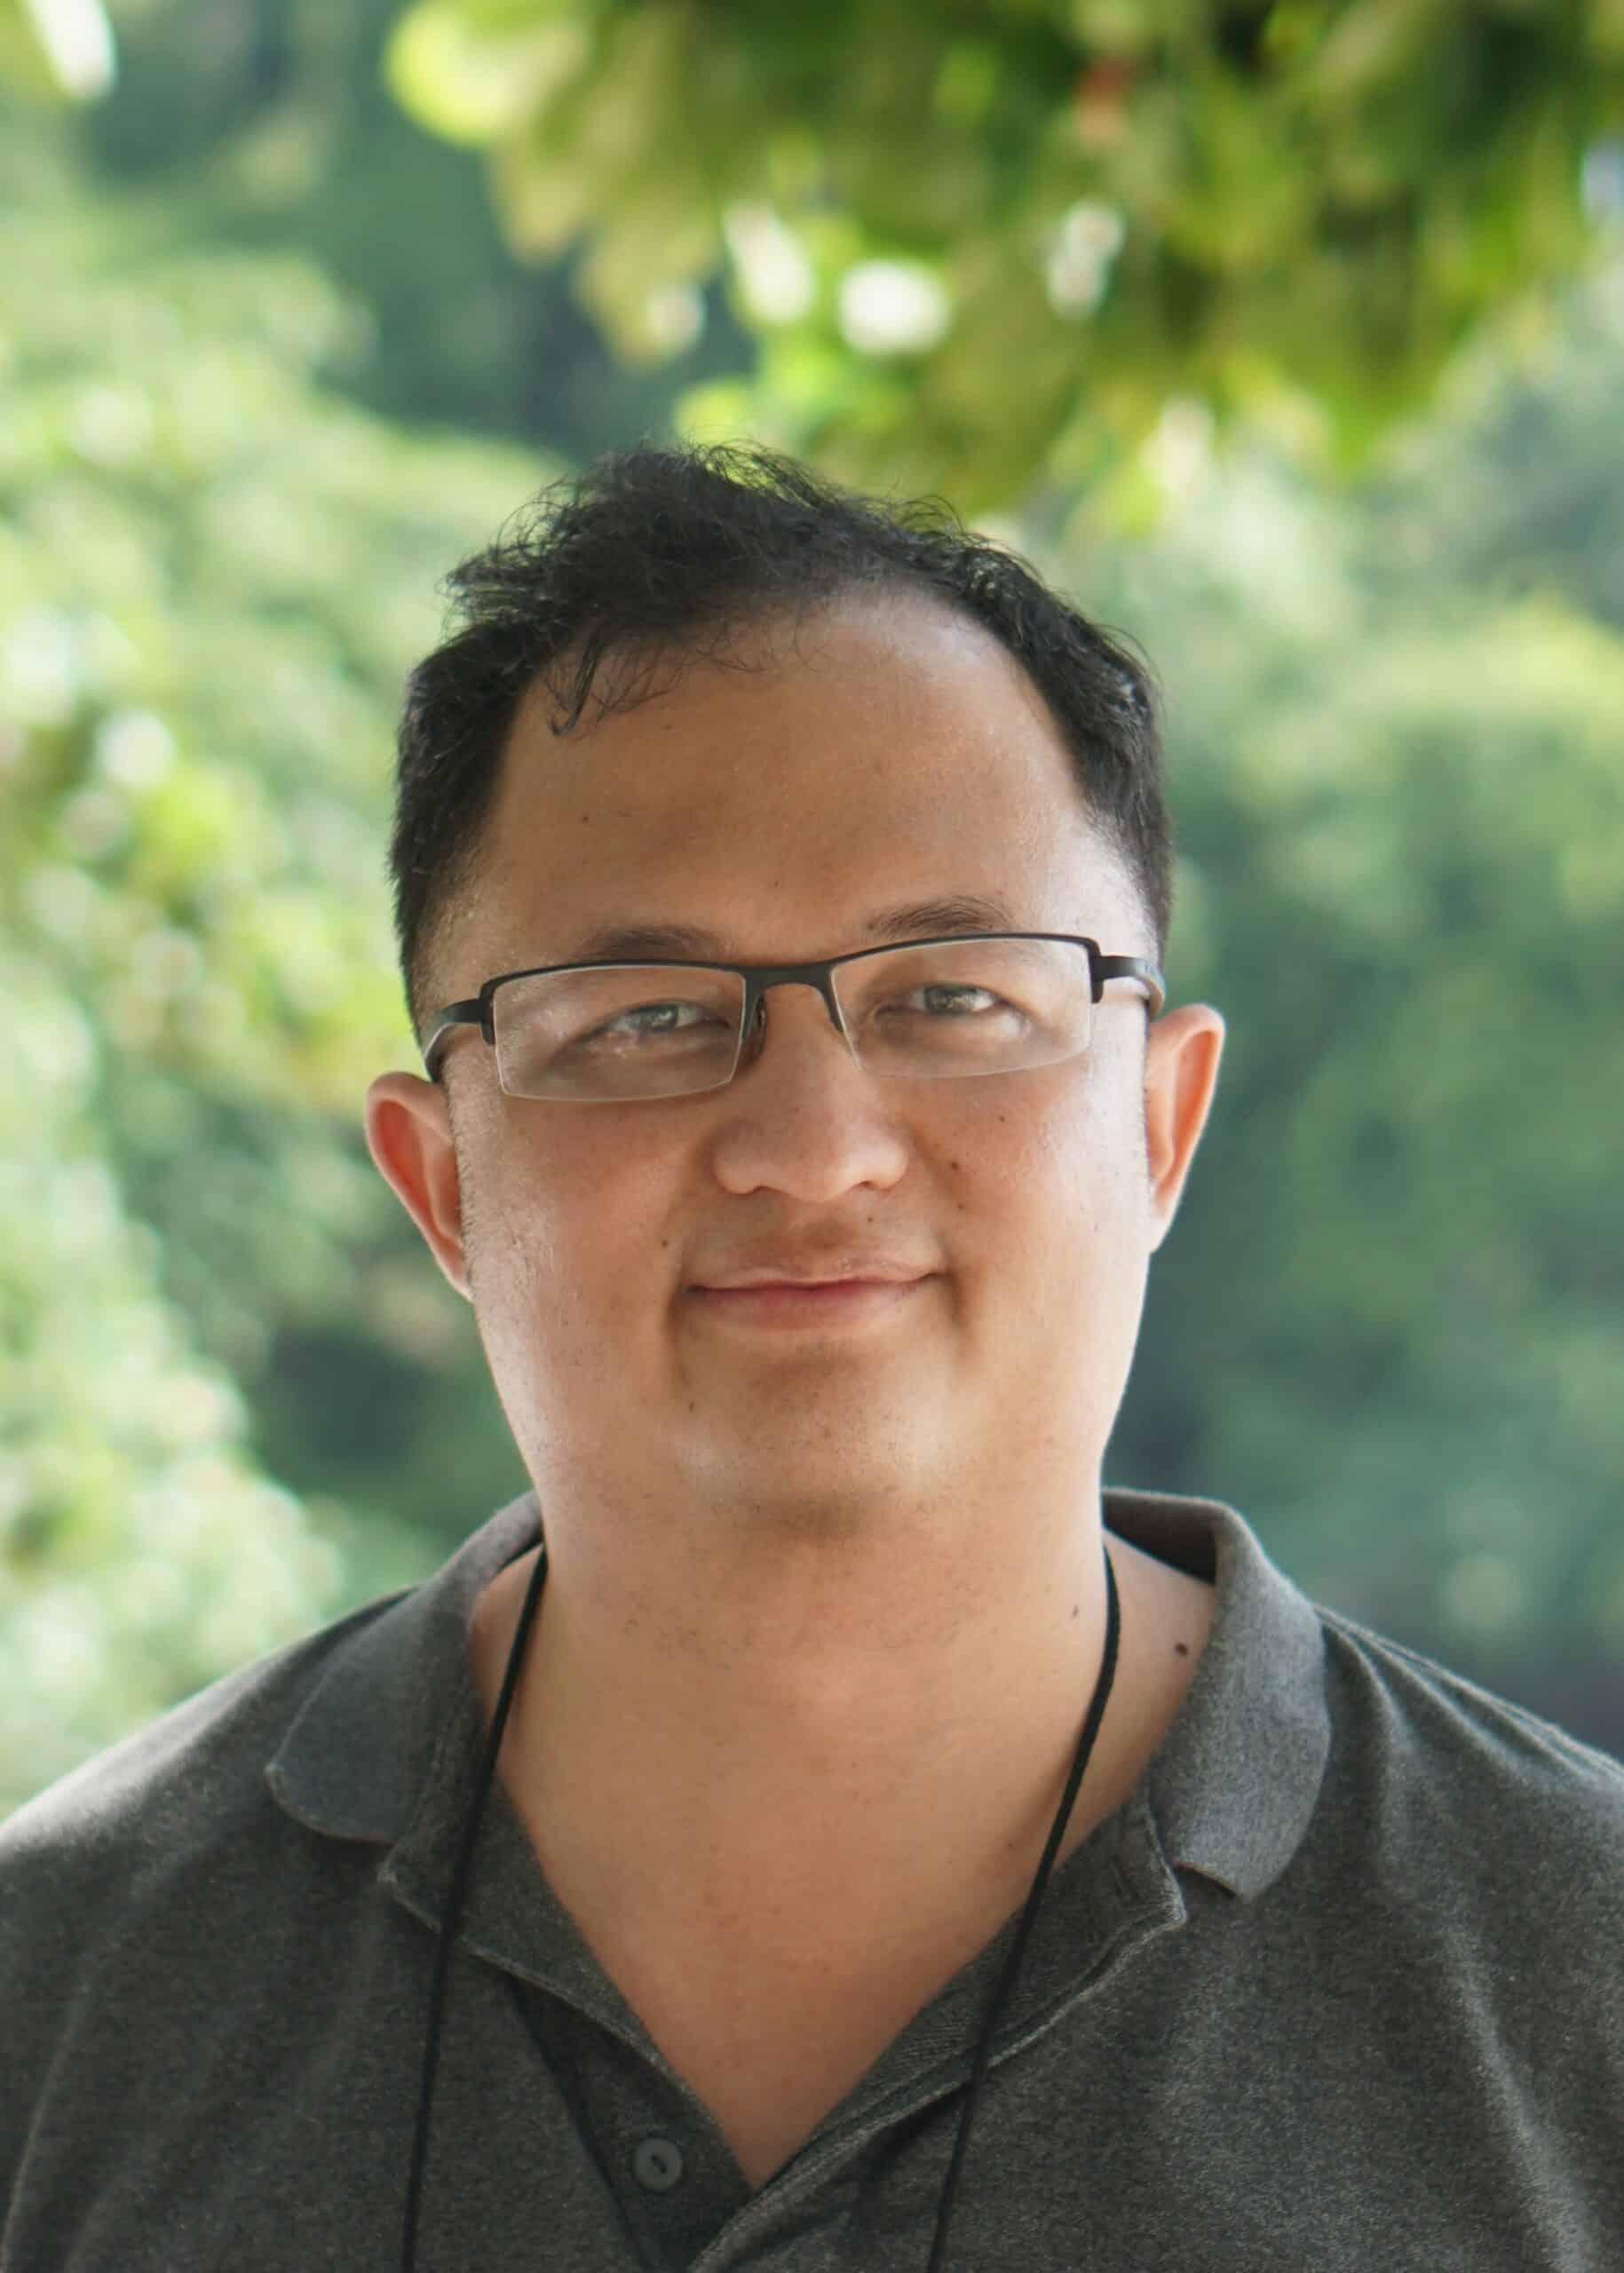 Sunit Shrestha